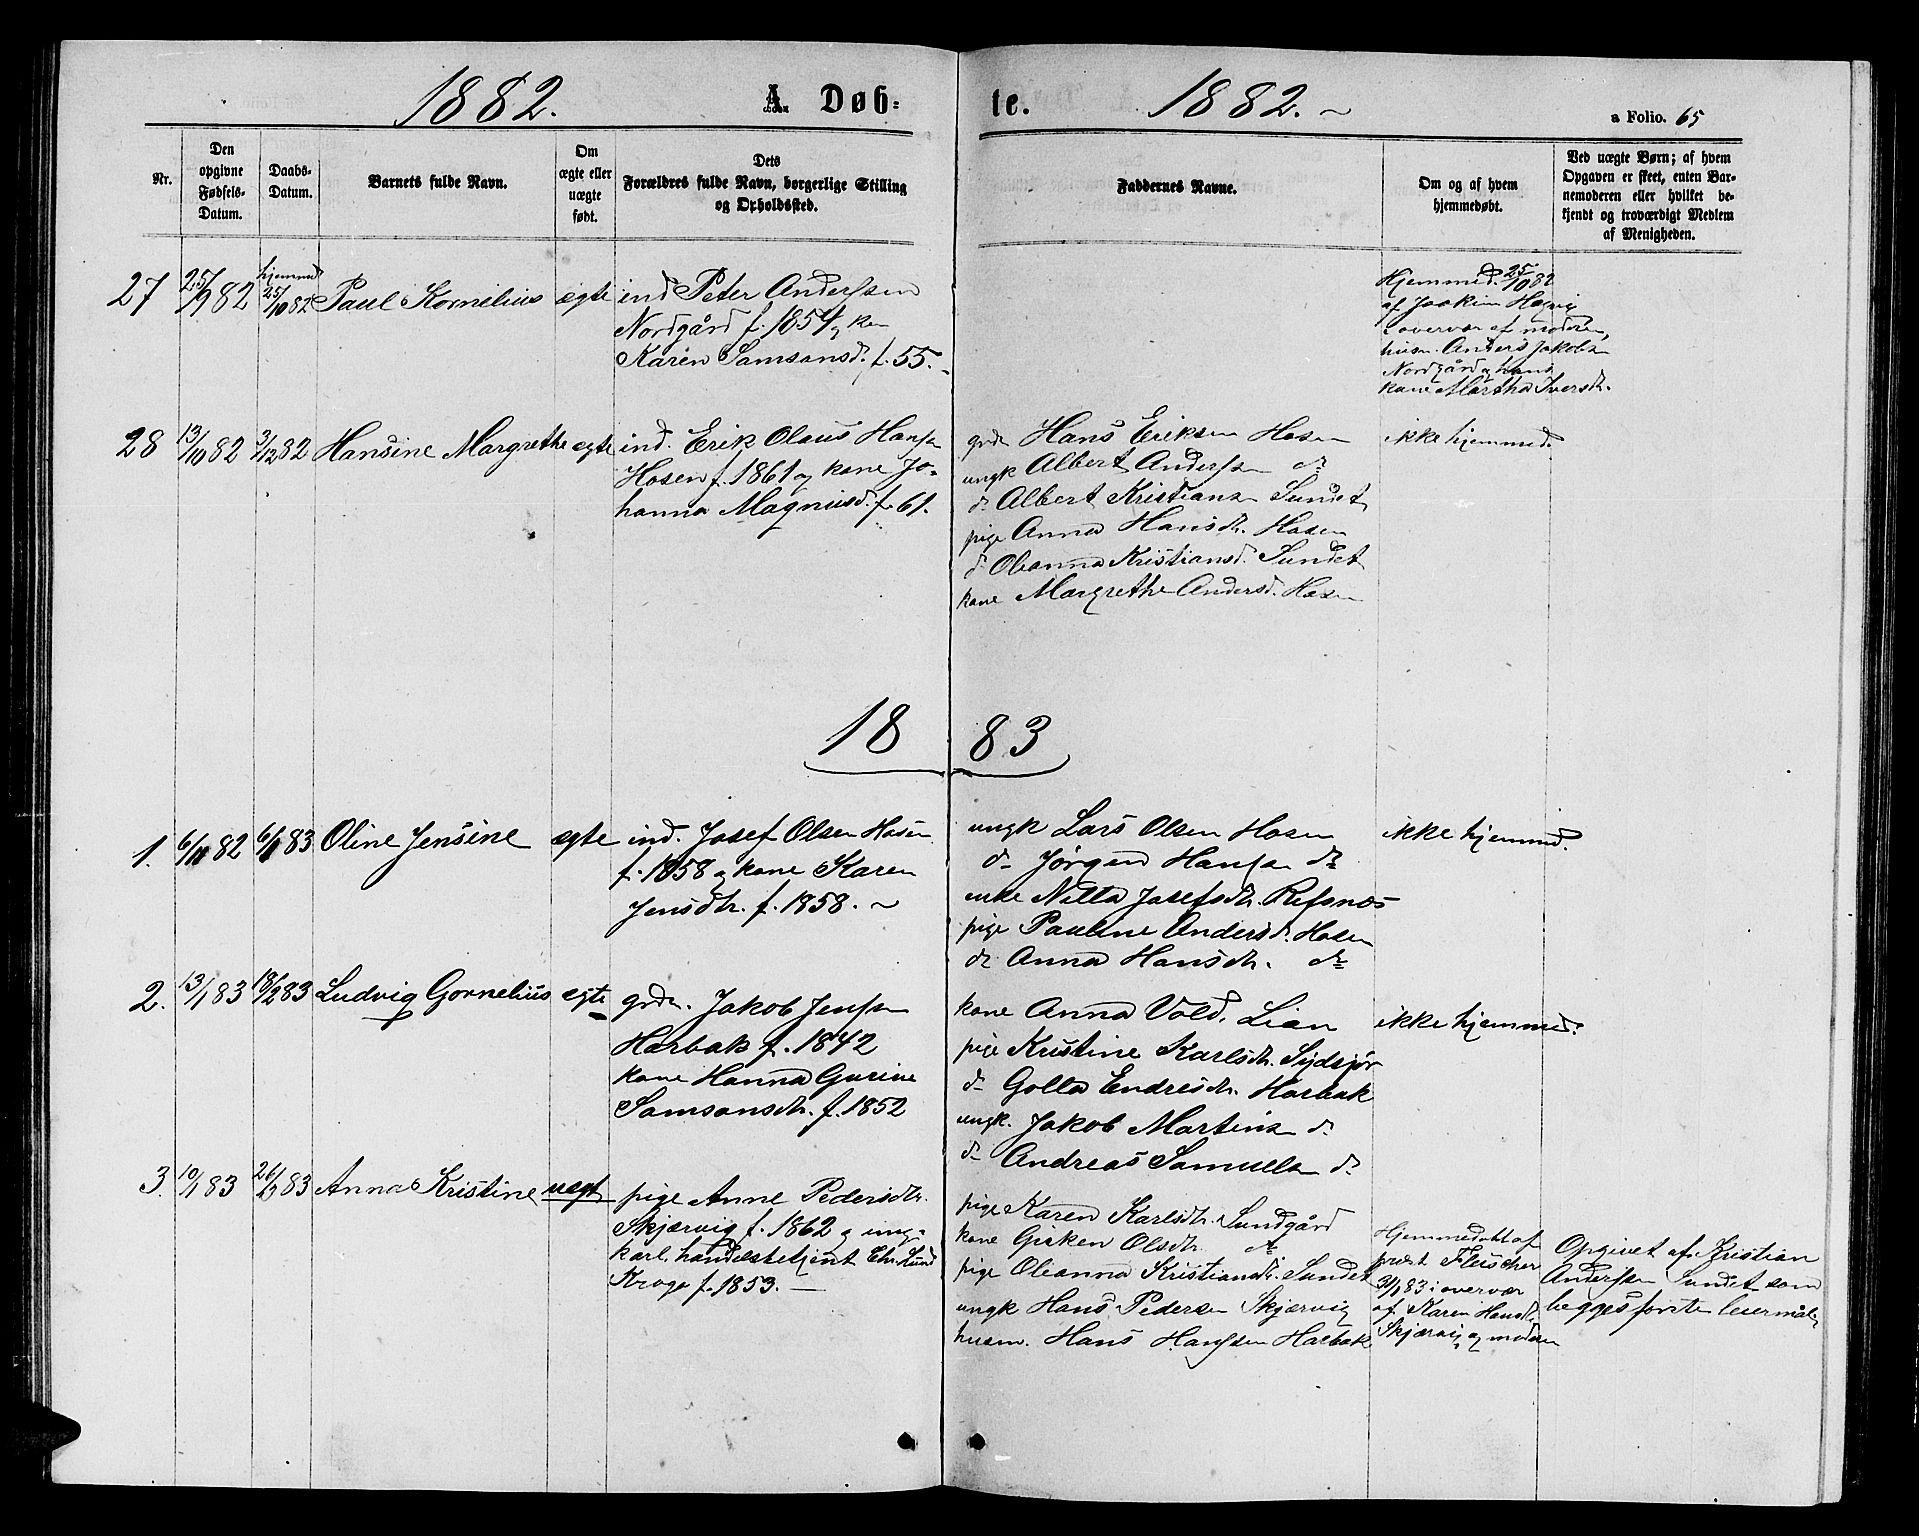 SAT, Ministerialprotokoller, klokkerbøker og fødselsregistre - Sør-Trøndelag, 656/L0695: Klokkerbok nr. 656C01, 1867-1889, s. 65